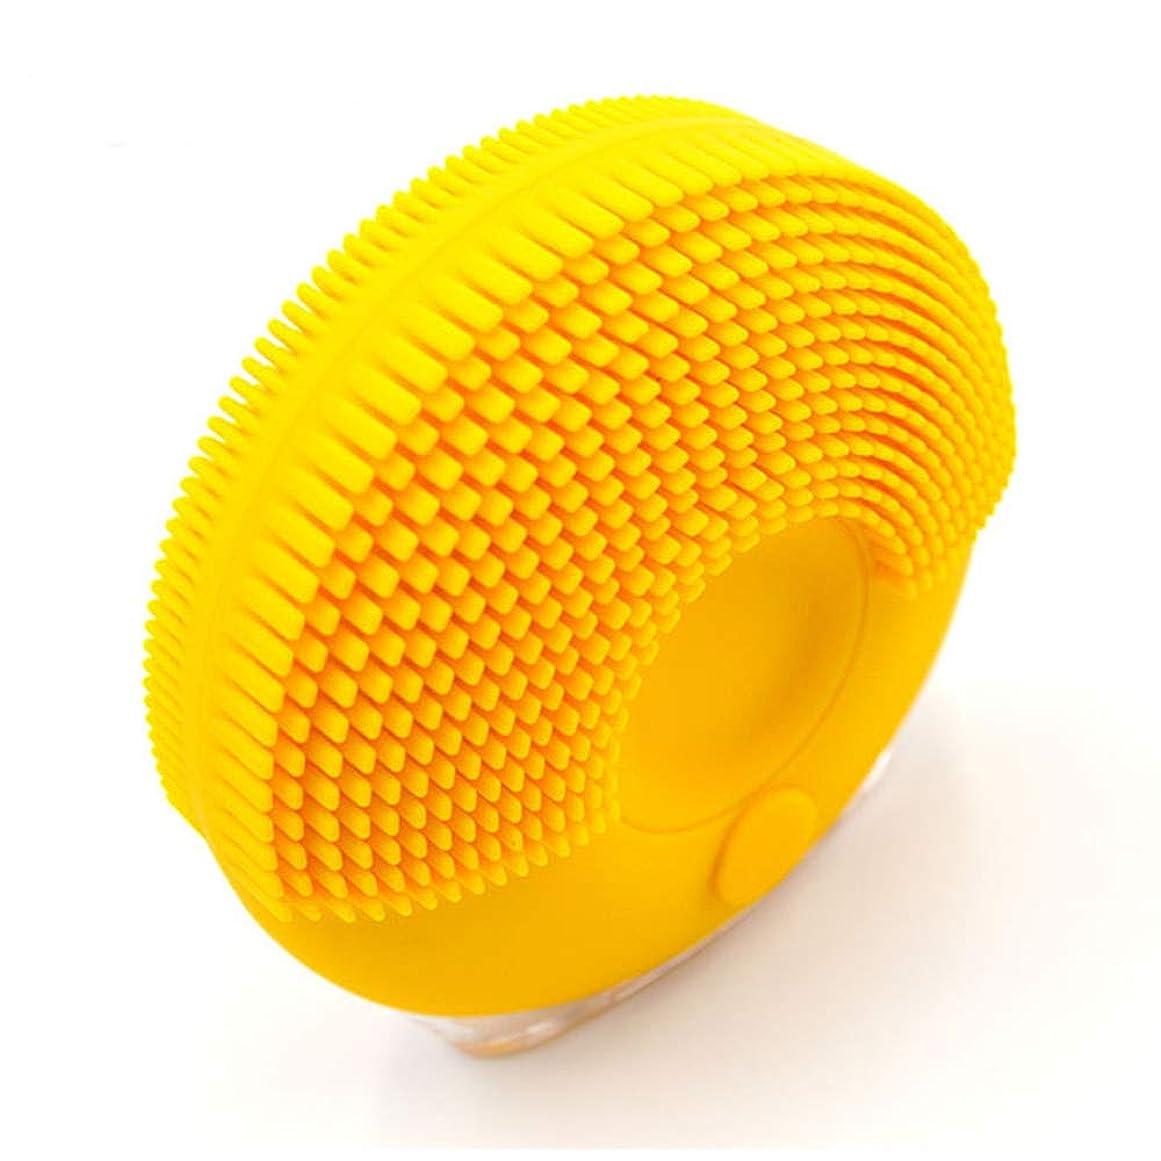 充電式防水シリコンクレンジング器具、洗える電気洗浄ブラシ、超音波クレンジングブラシ、洗顔フェイスアーティファクト